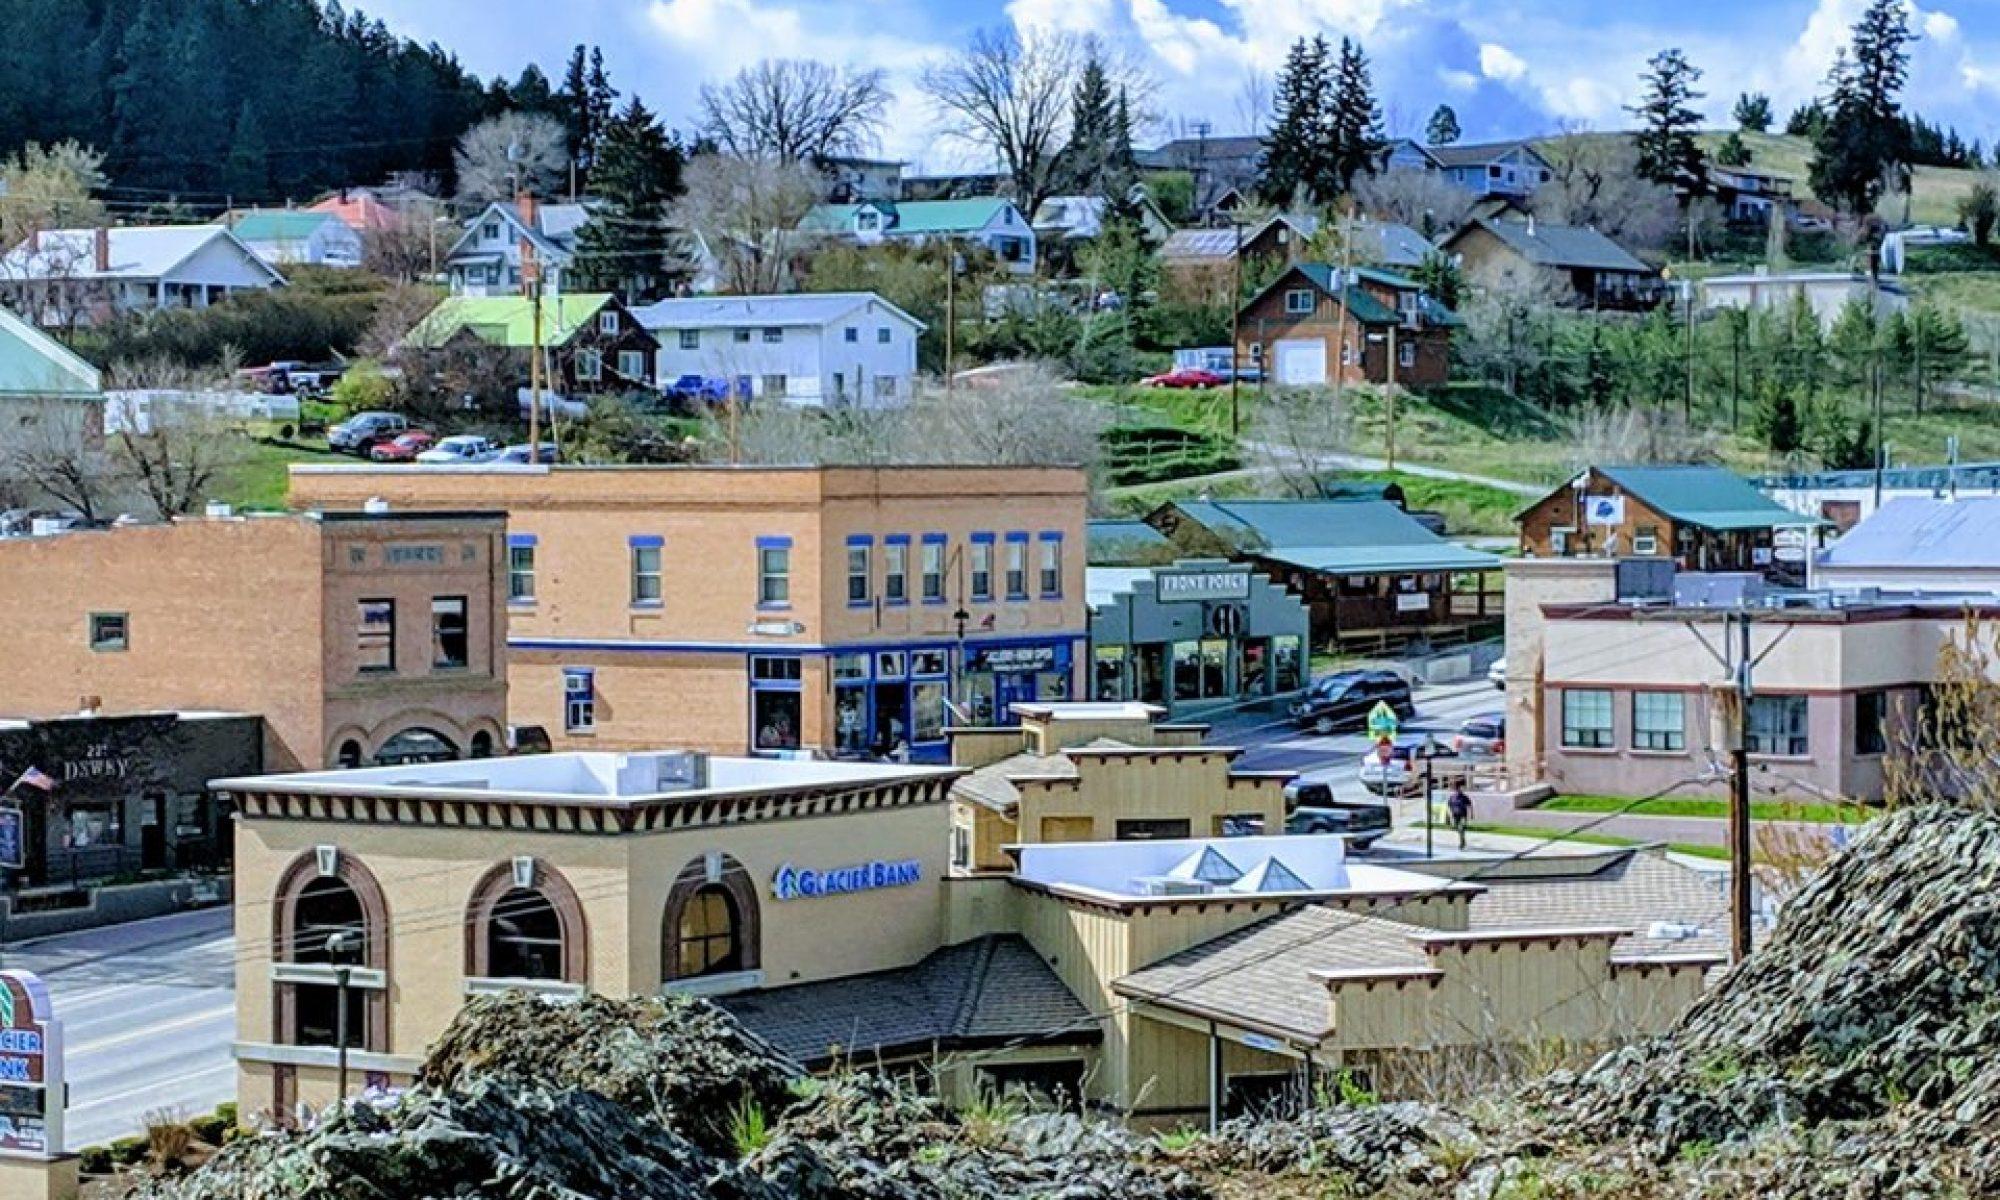 Town of Eureka, Montana